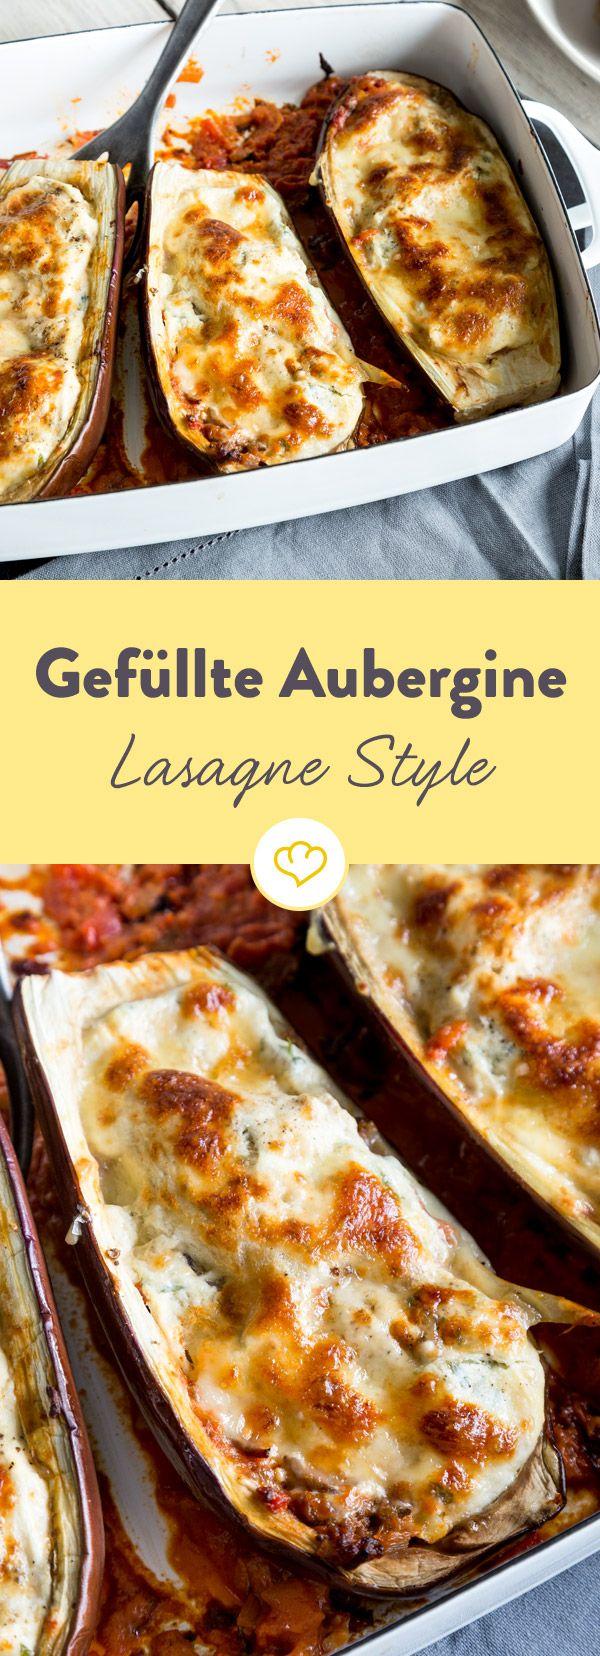 Schichte Lasagne in deine Aubergine und zaubere so Italien-Feeling auf den Teller. Deine Gäste werden es dir danken!